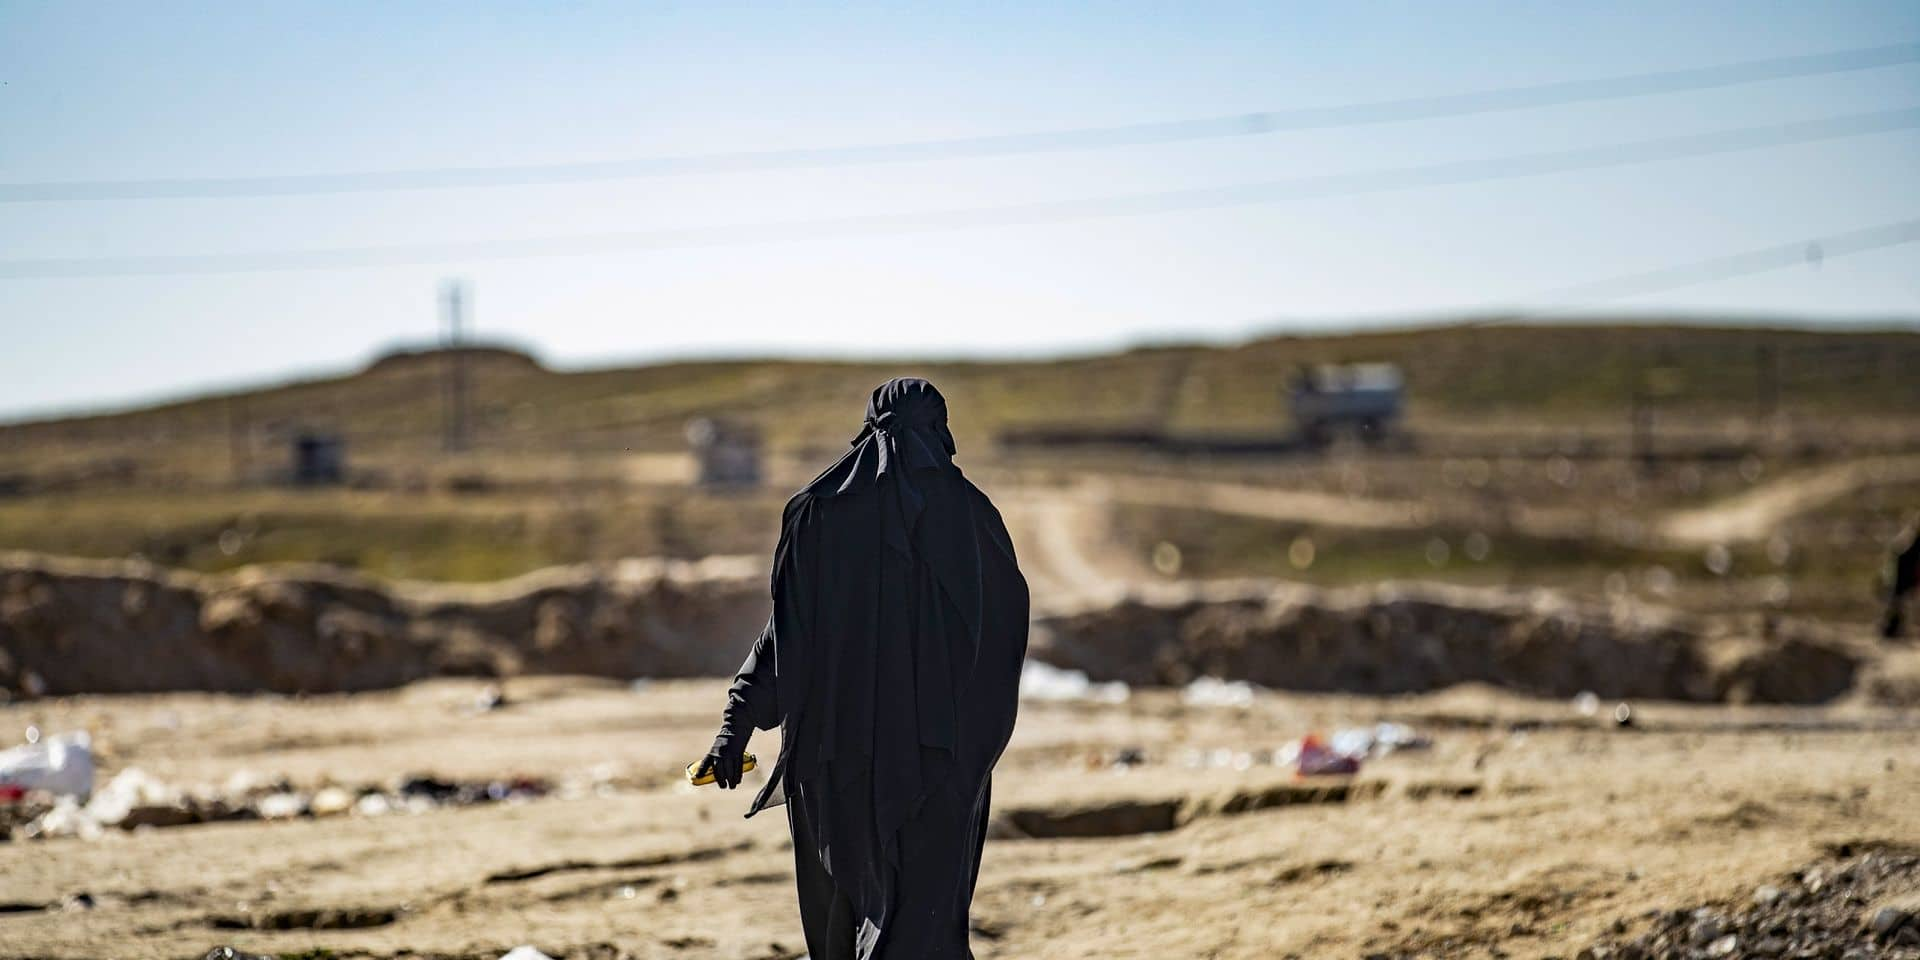 Belges en Syrie : une femme écope de cinq ans de prison et de la déchéance de sa nationalité